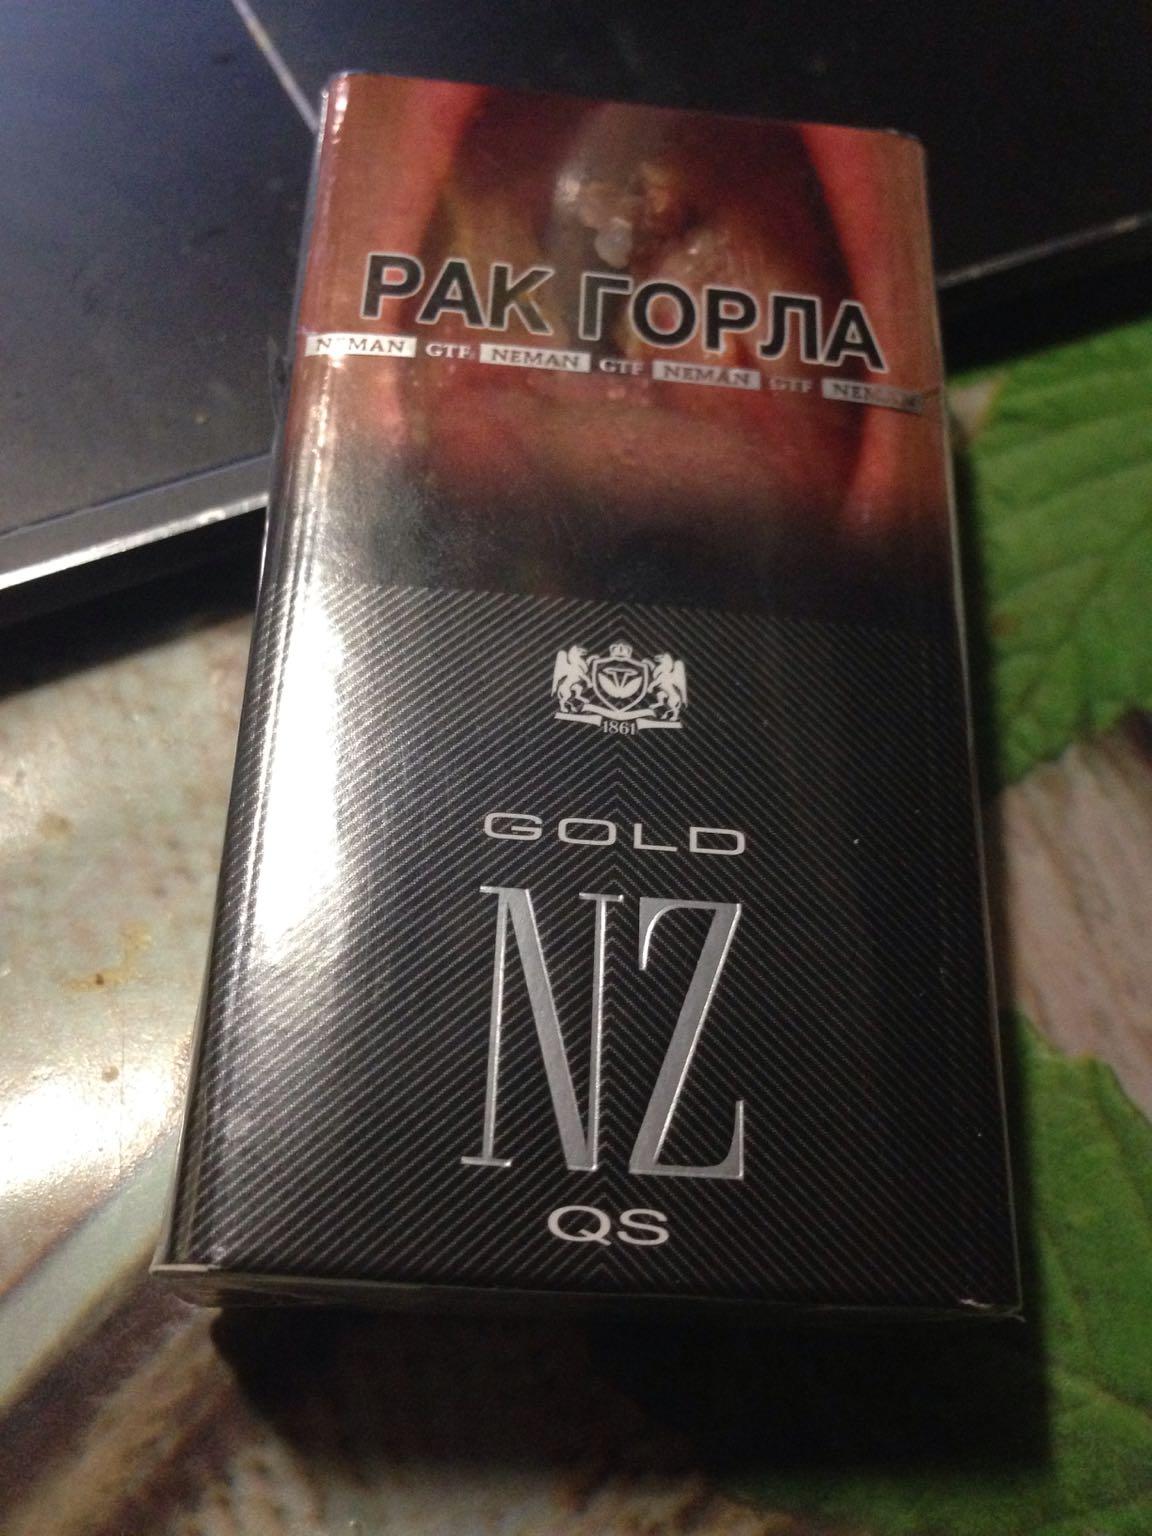 Купить сигареты nz gold qs табачные изделия это федеральный закон